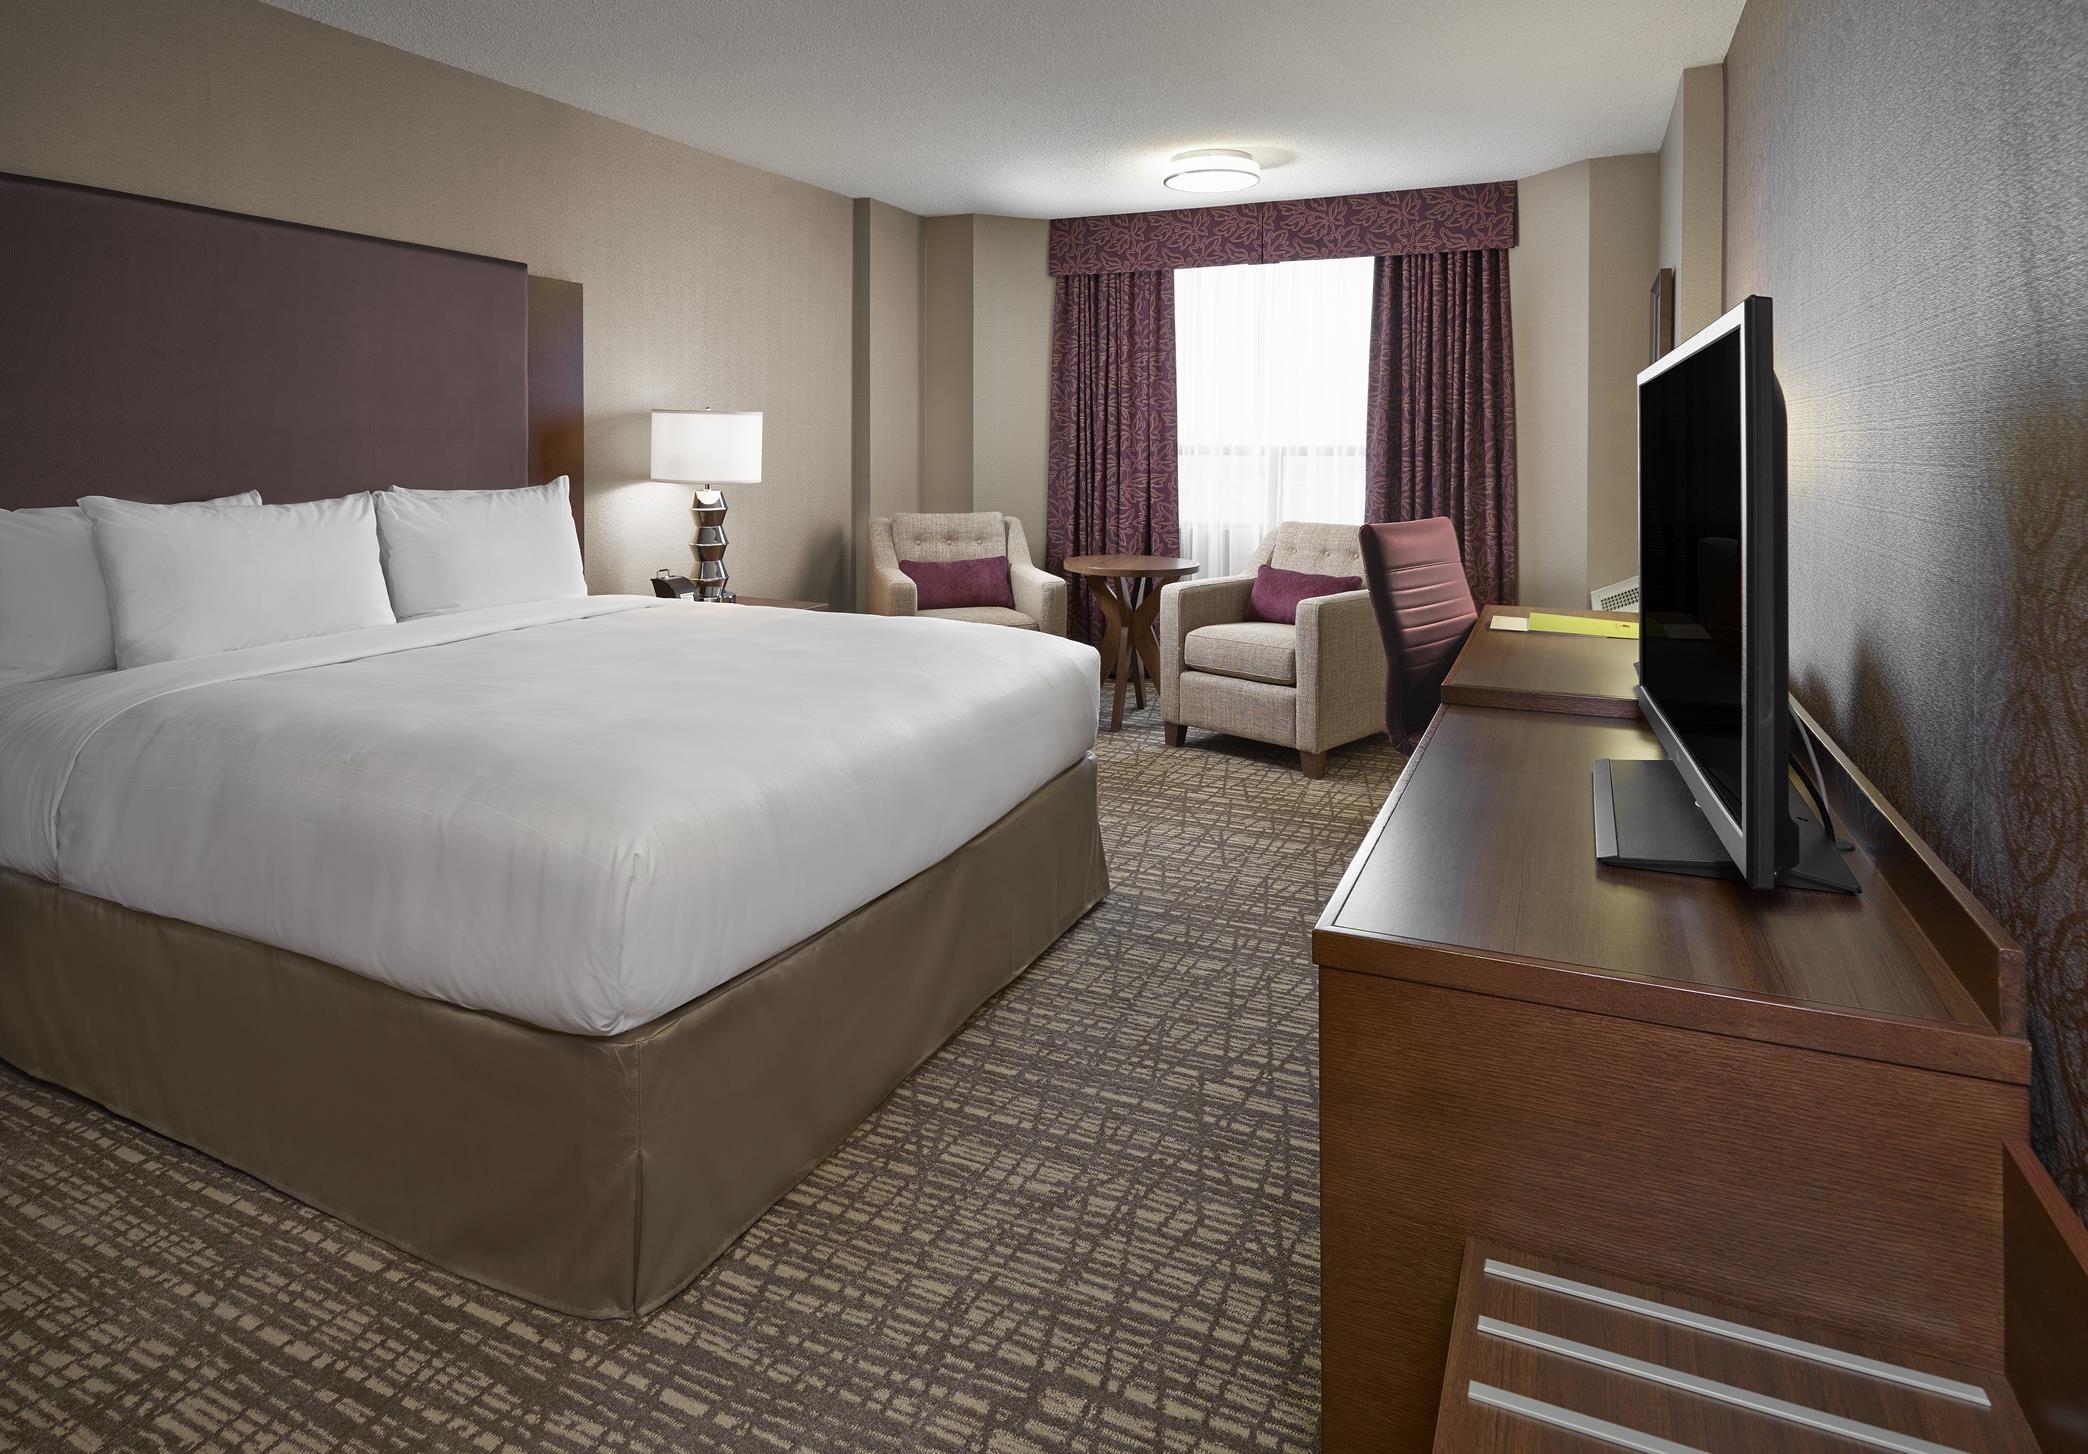 DoubleTree by Hilton Hotel West Edmonton in Edmonton: Standard King Room